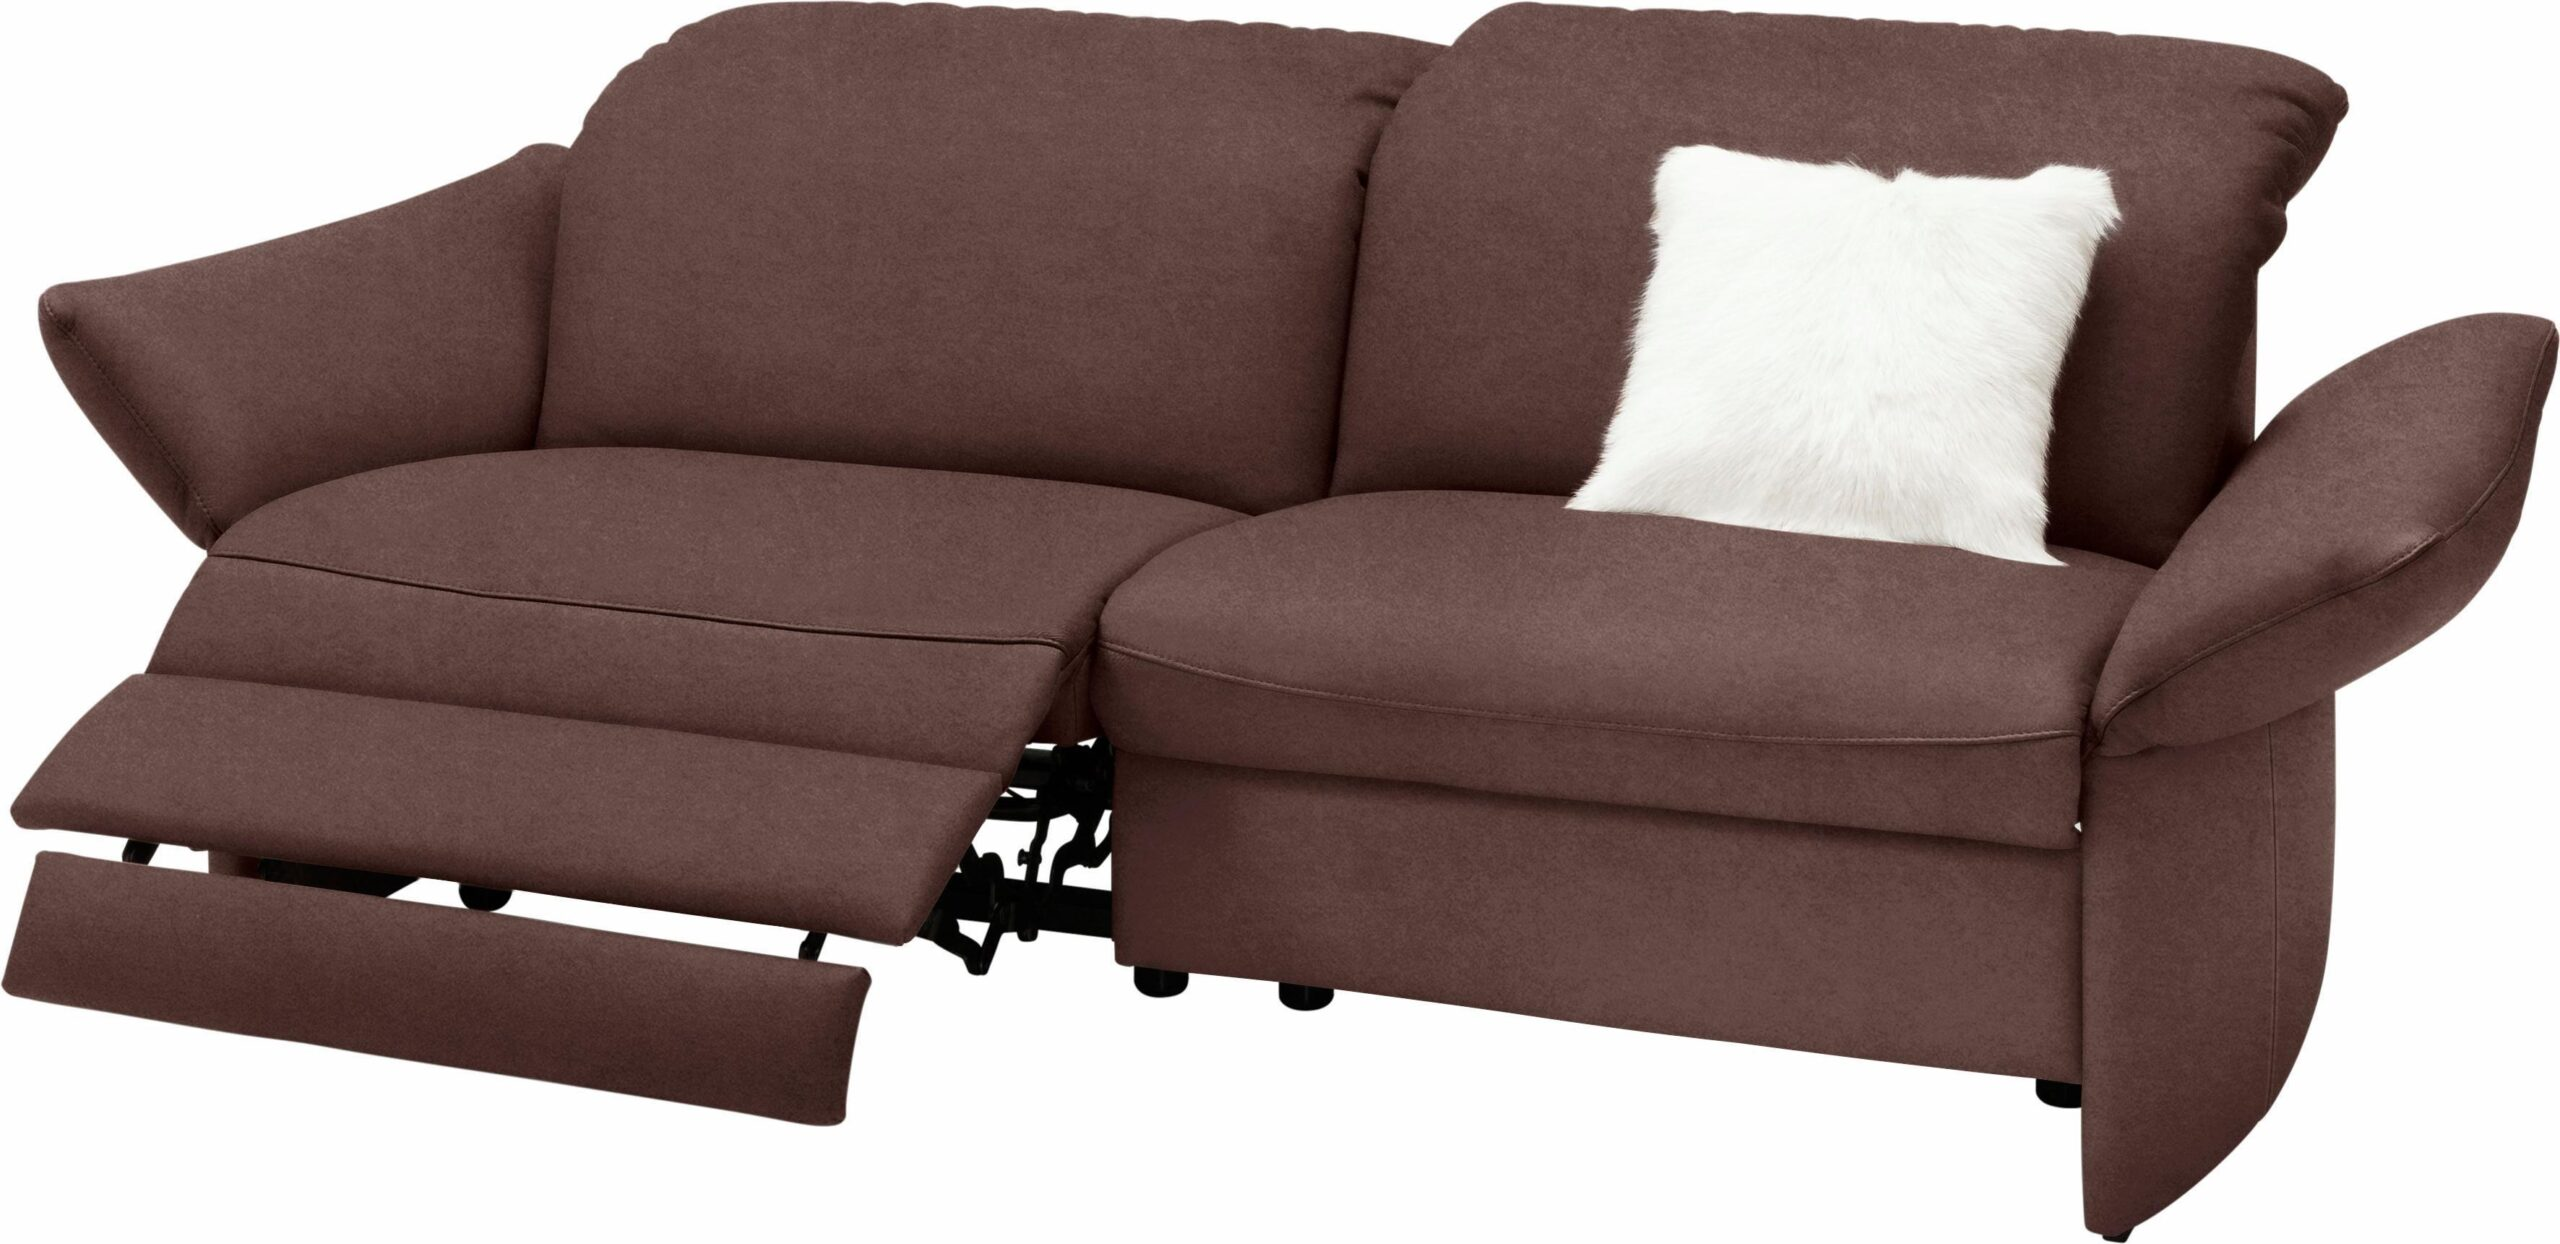 Full Size of 2 Sitzer Couch Mit Relaxfunktion Sofa Elektrischer 5 Elektrisch 2 Sitzer City Microfaser 3 Sofas Online Kaufen Mbel Suchmaschine Goodlife Weißes Bett 160x200 Sofa 2 Sitzer Sofa Mit Relaxfunktion